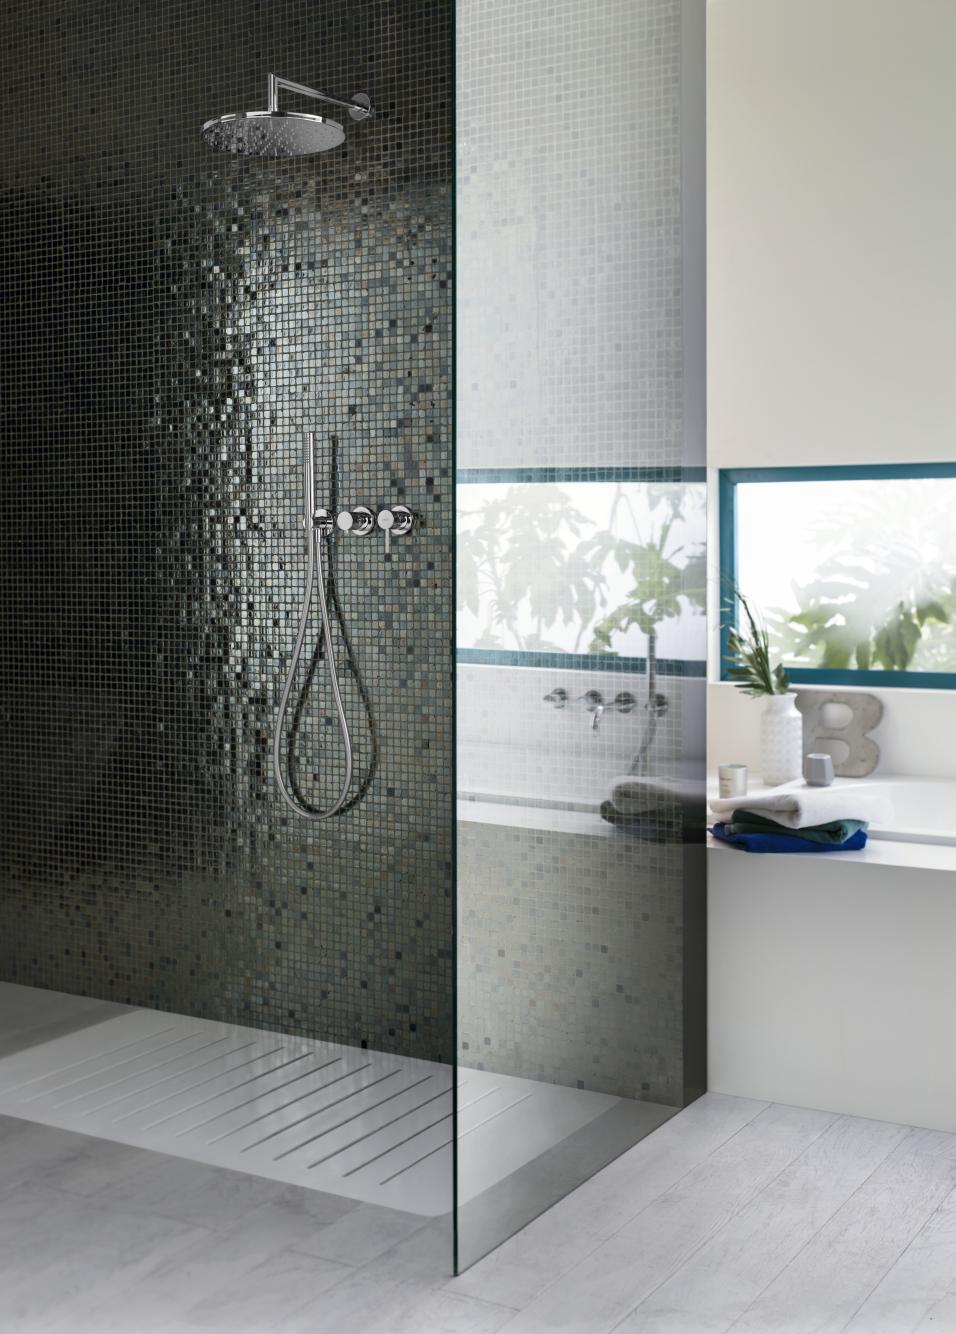 Foto de columna de ducha monomando empotrado con roseta. Ambiente. Nobili